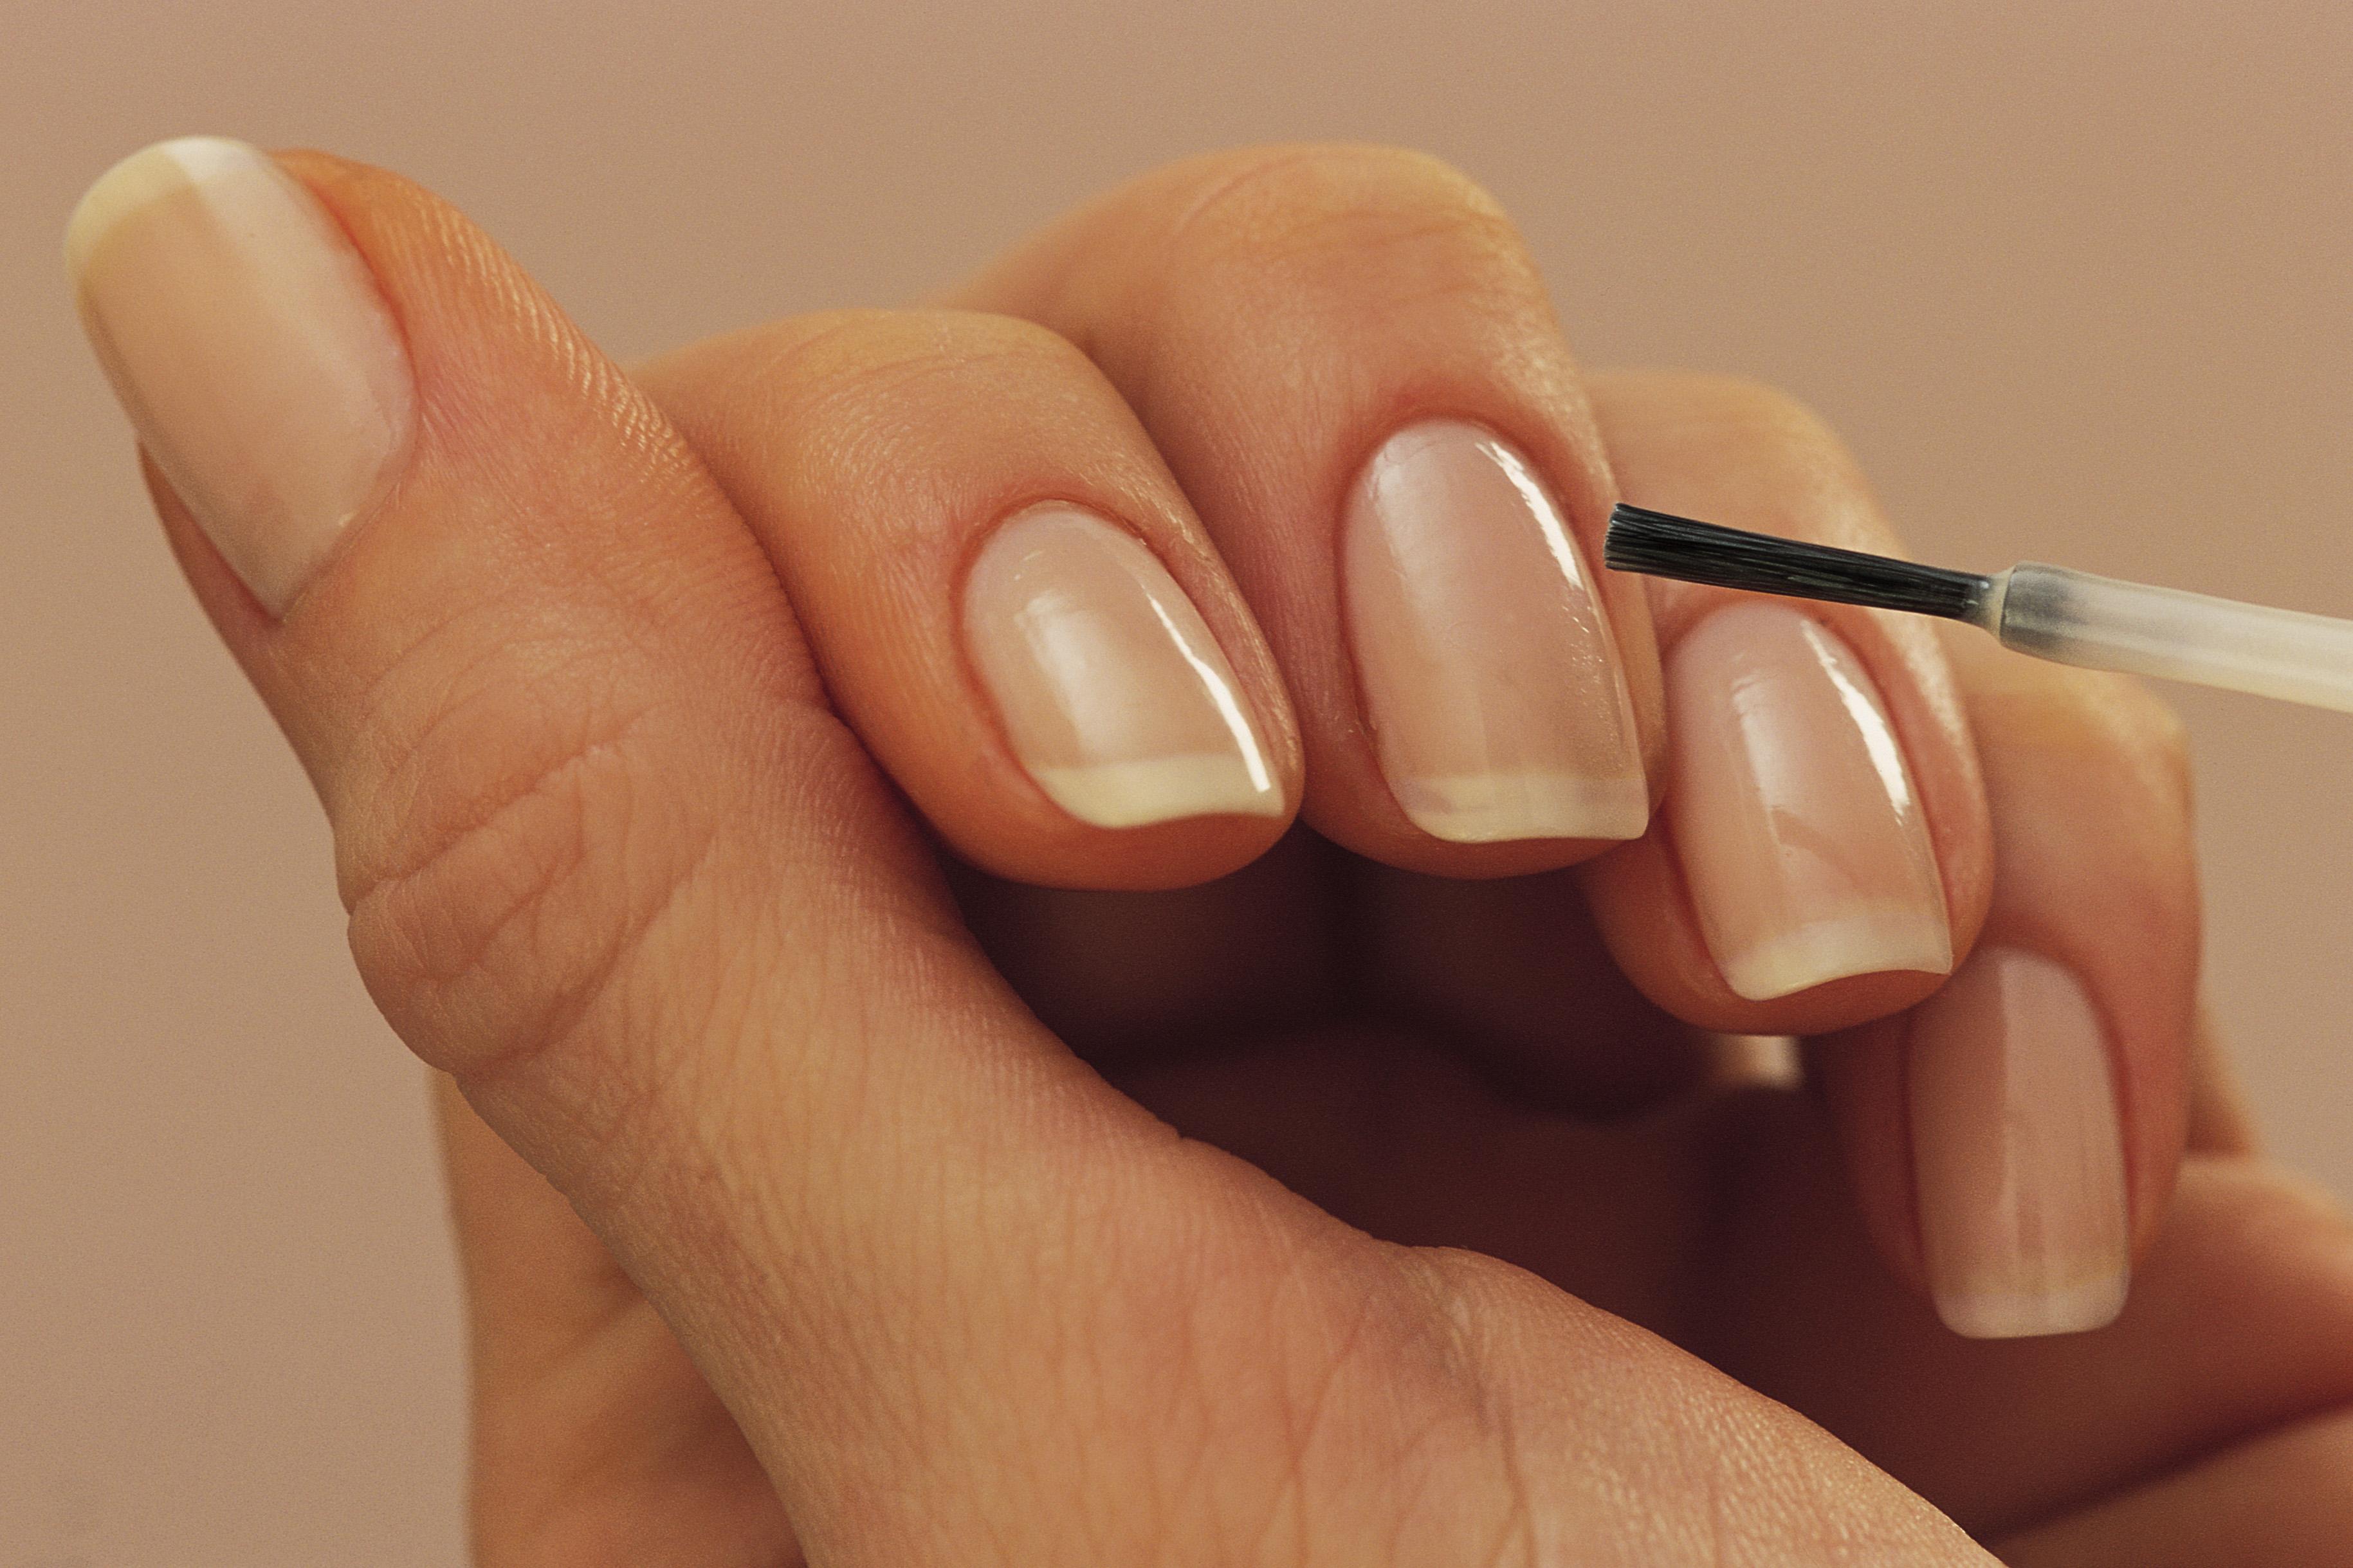 White Iodine for Nails | LIVESTRONG.COM